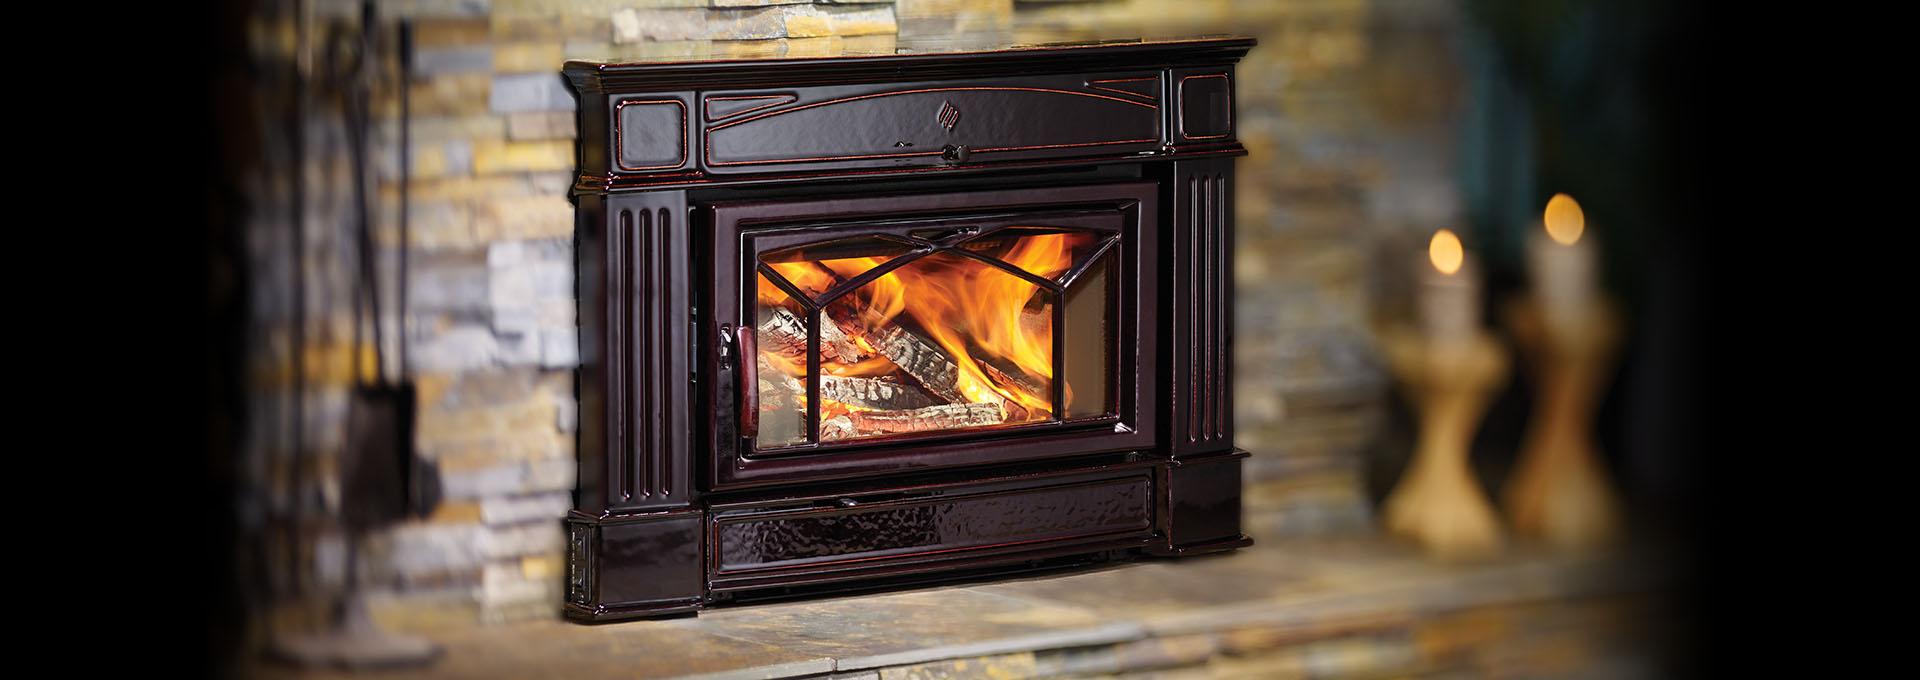 fireplace inserts wood burning regency fireplace products rh regency fire com fireplace insert wood stoves fireplace insert wood stoves